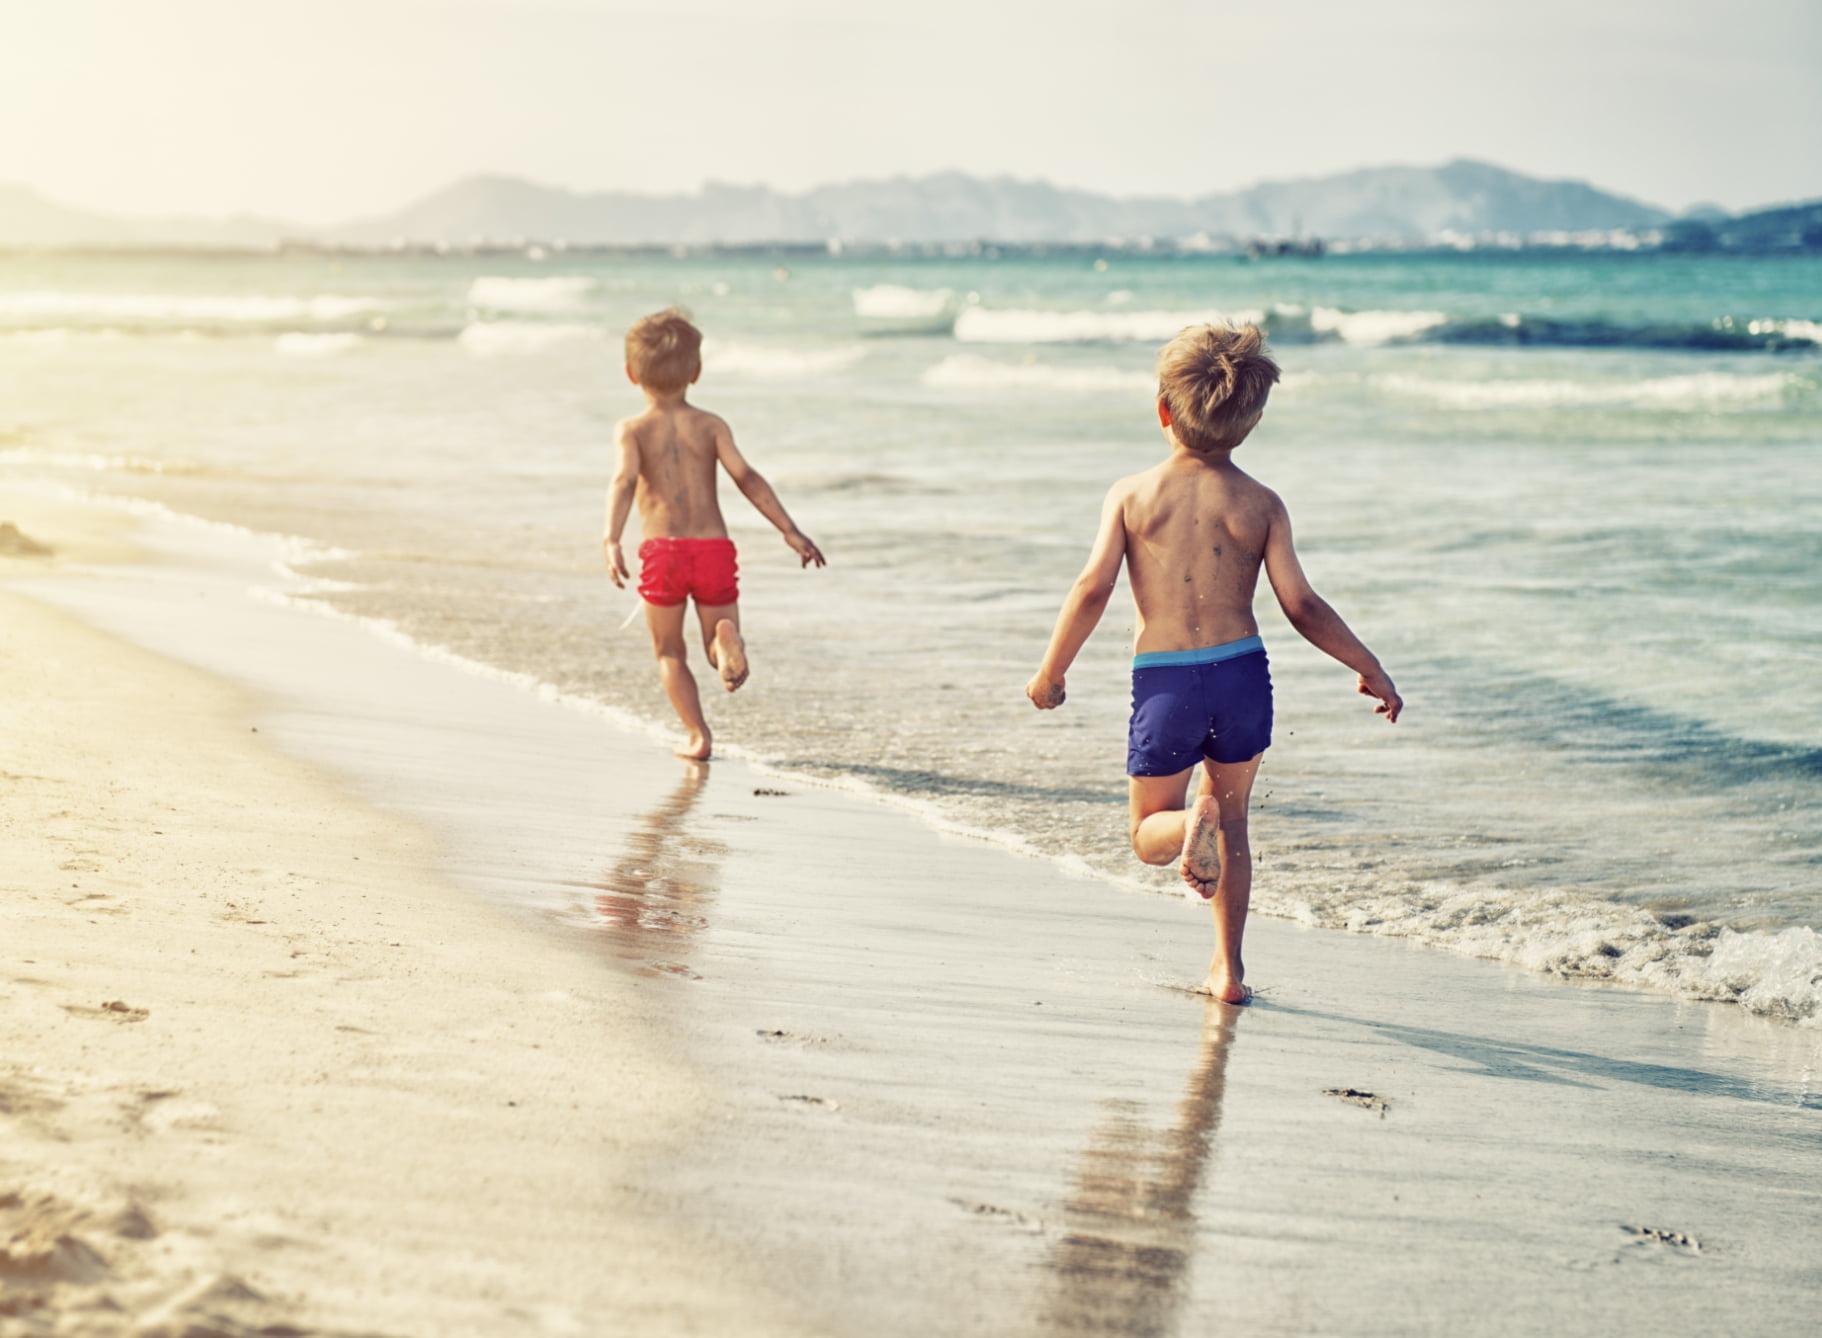 كيف تحمي أطفالك في الشاطئ؟